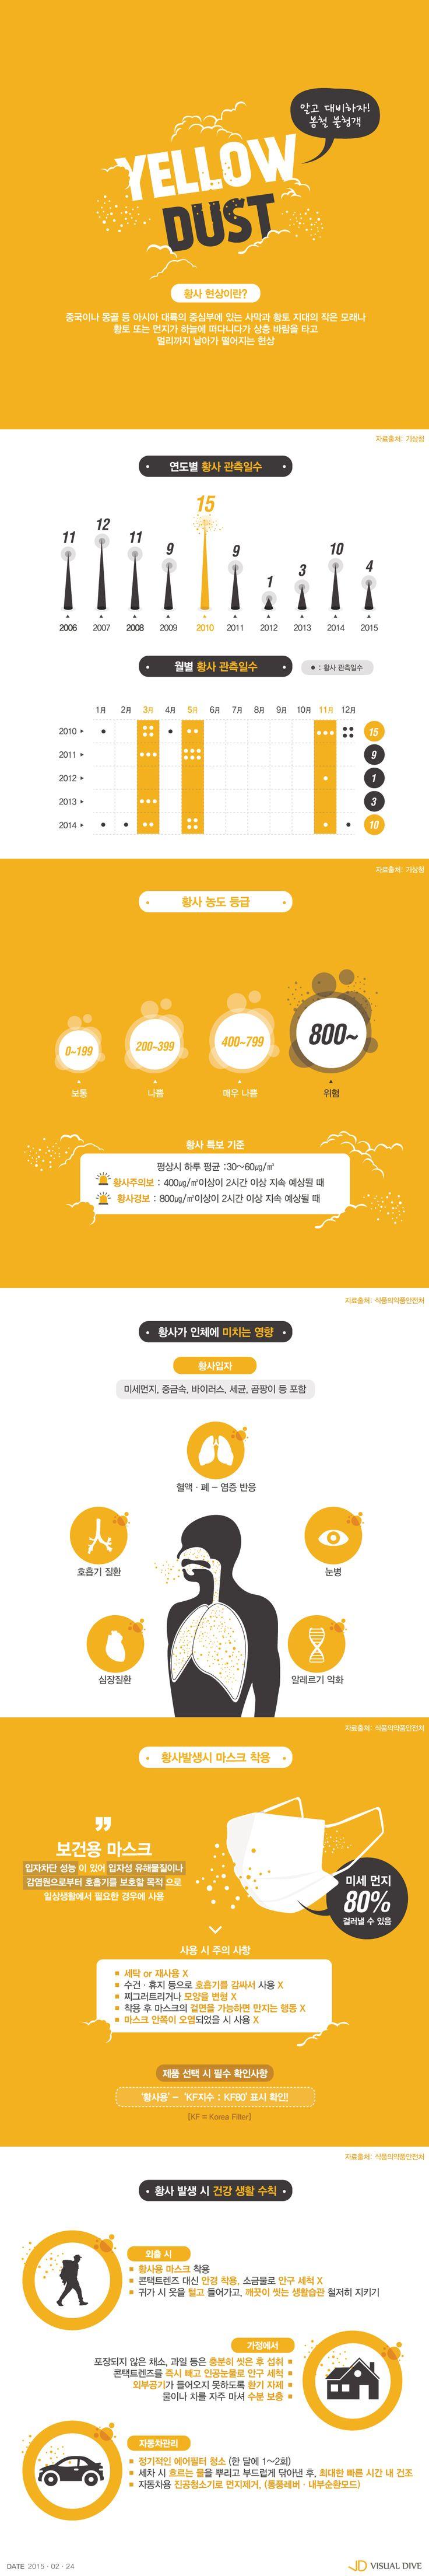 기상청, 3월 대형 황사 예고…건강 위한 대비책 뭐가 있을까? [인포그래픽] #yellow dust / #Infographic ⓒ 비주얼다이브…